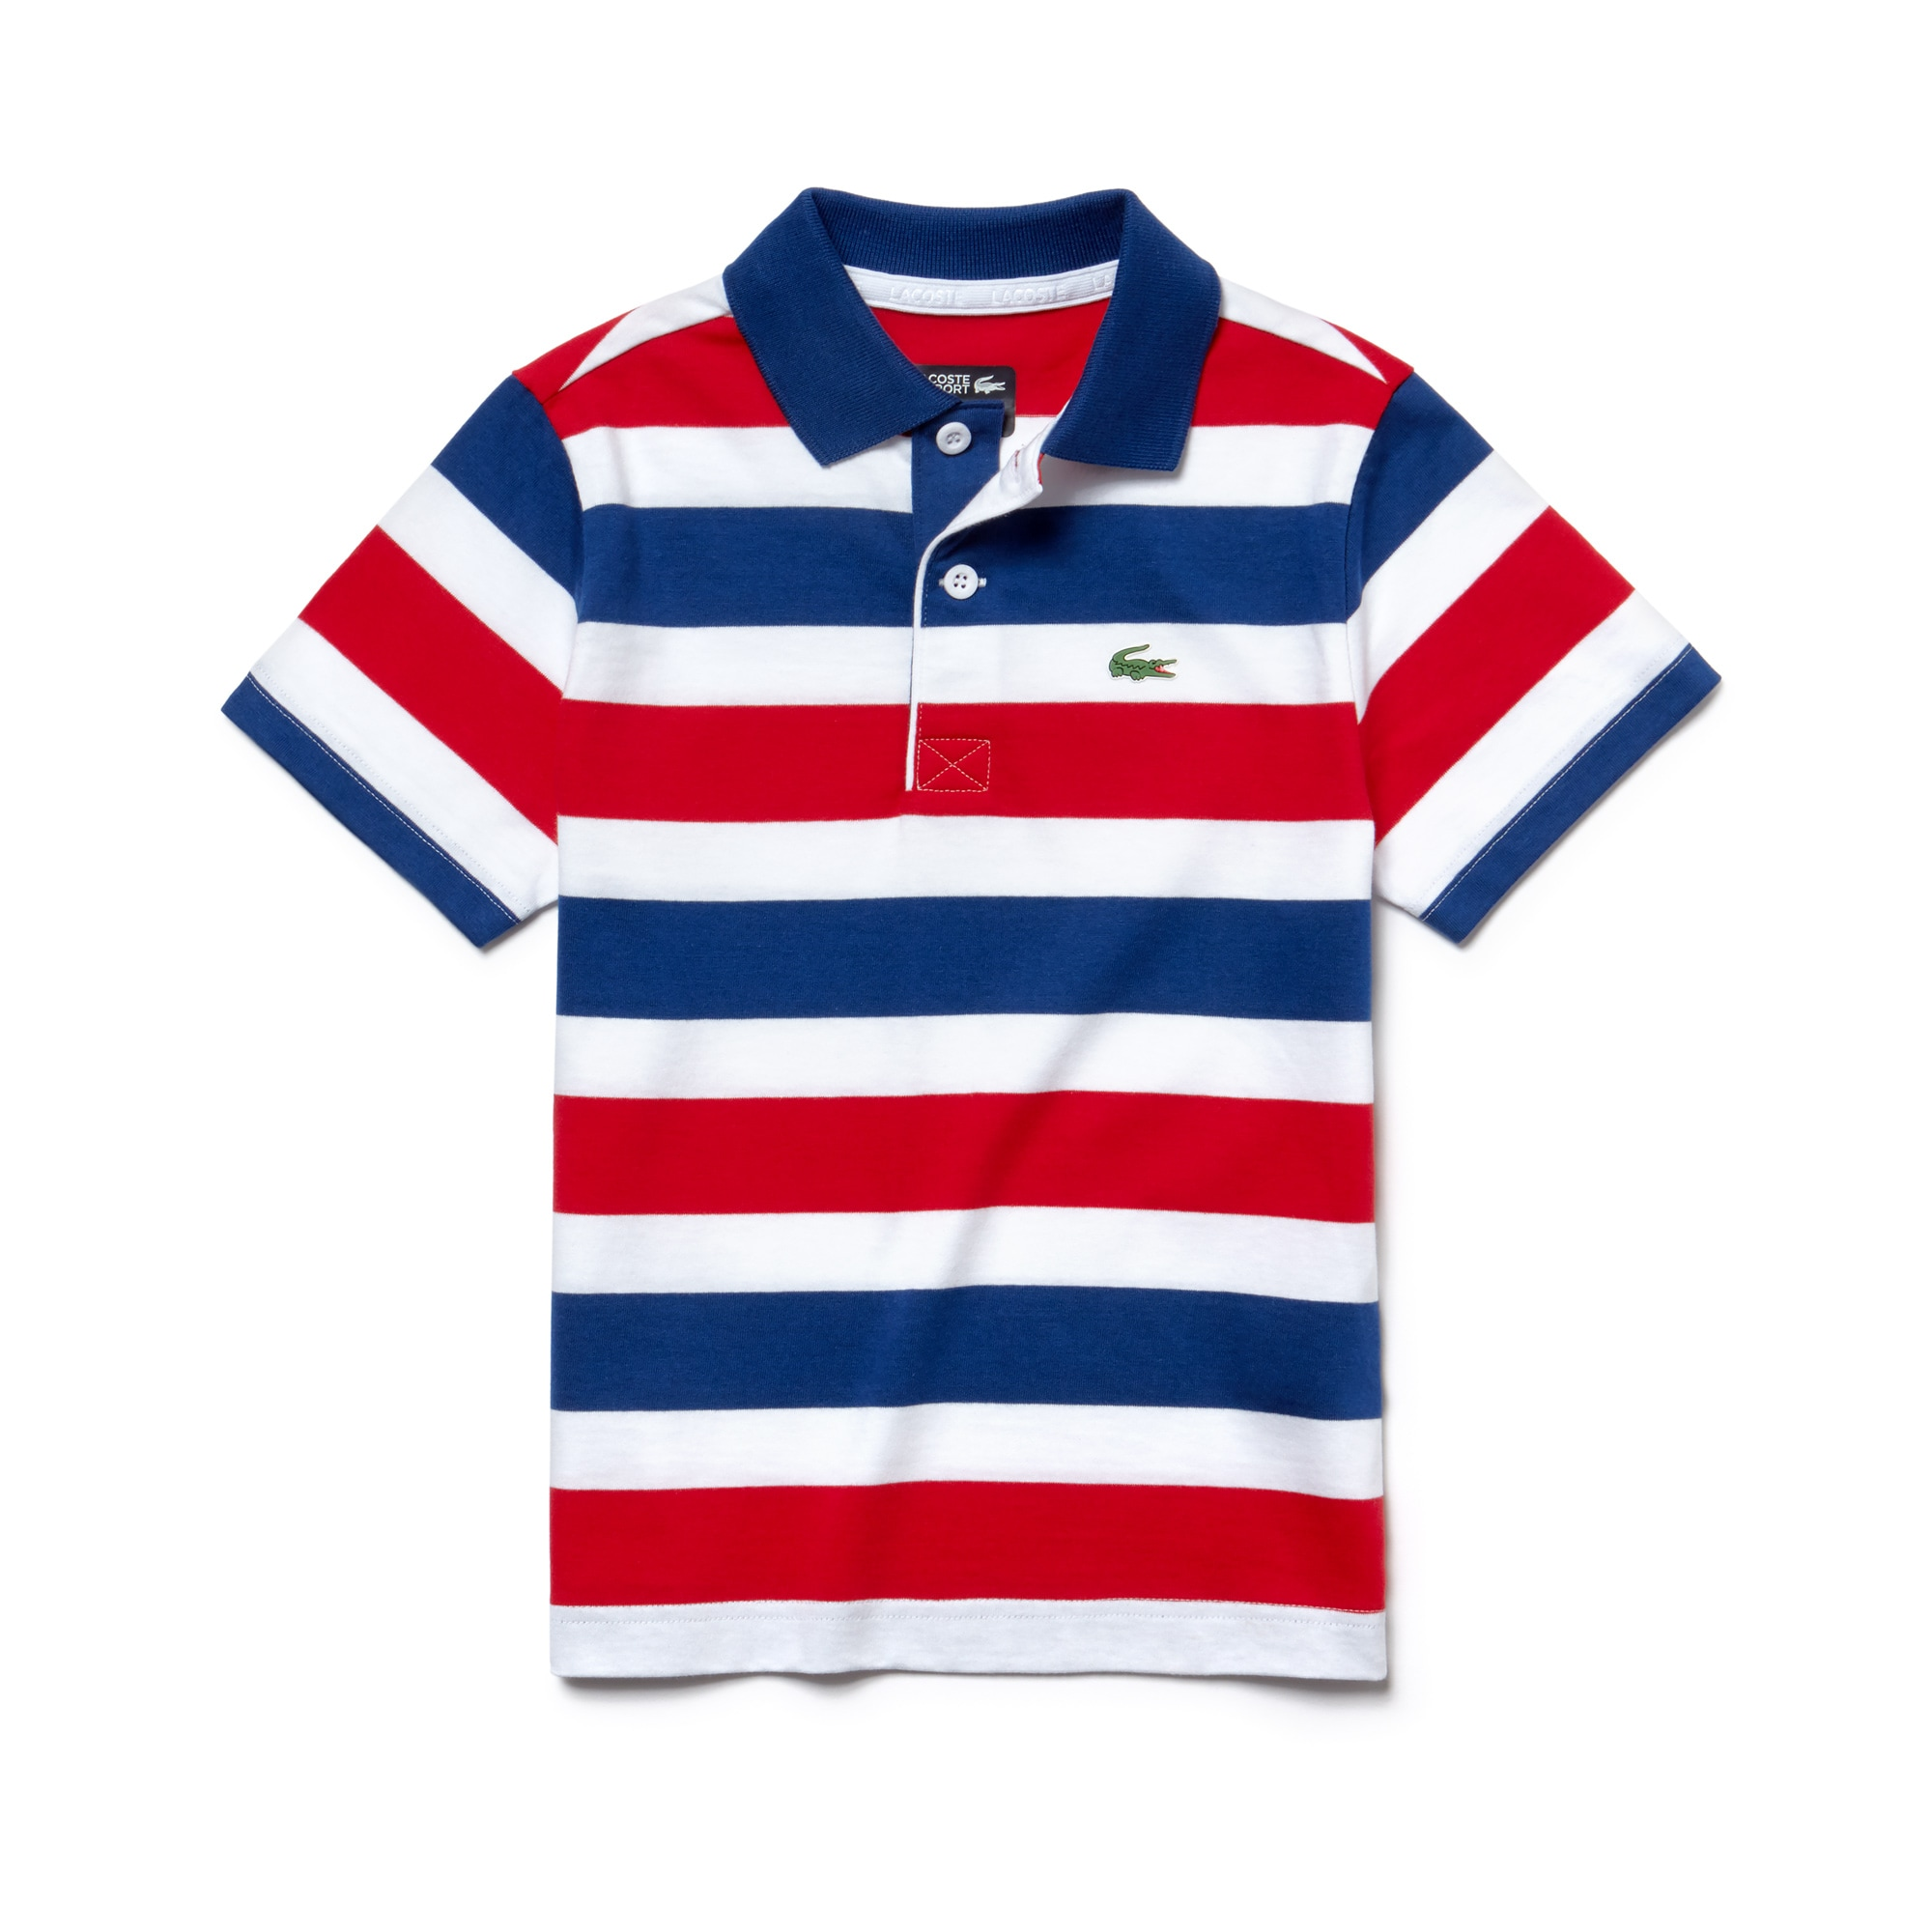 قميص بولو التنس للأولاد من لاكوست سبورت بخامة الجيرسي القطنية المخططة